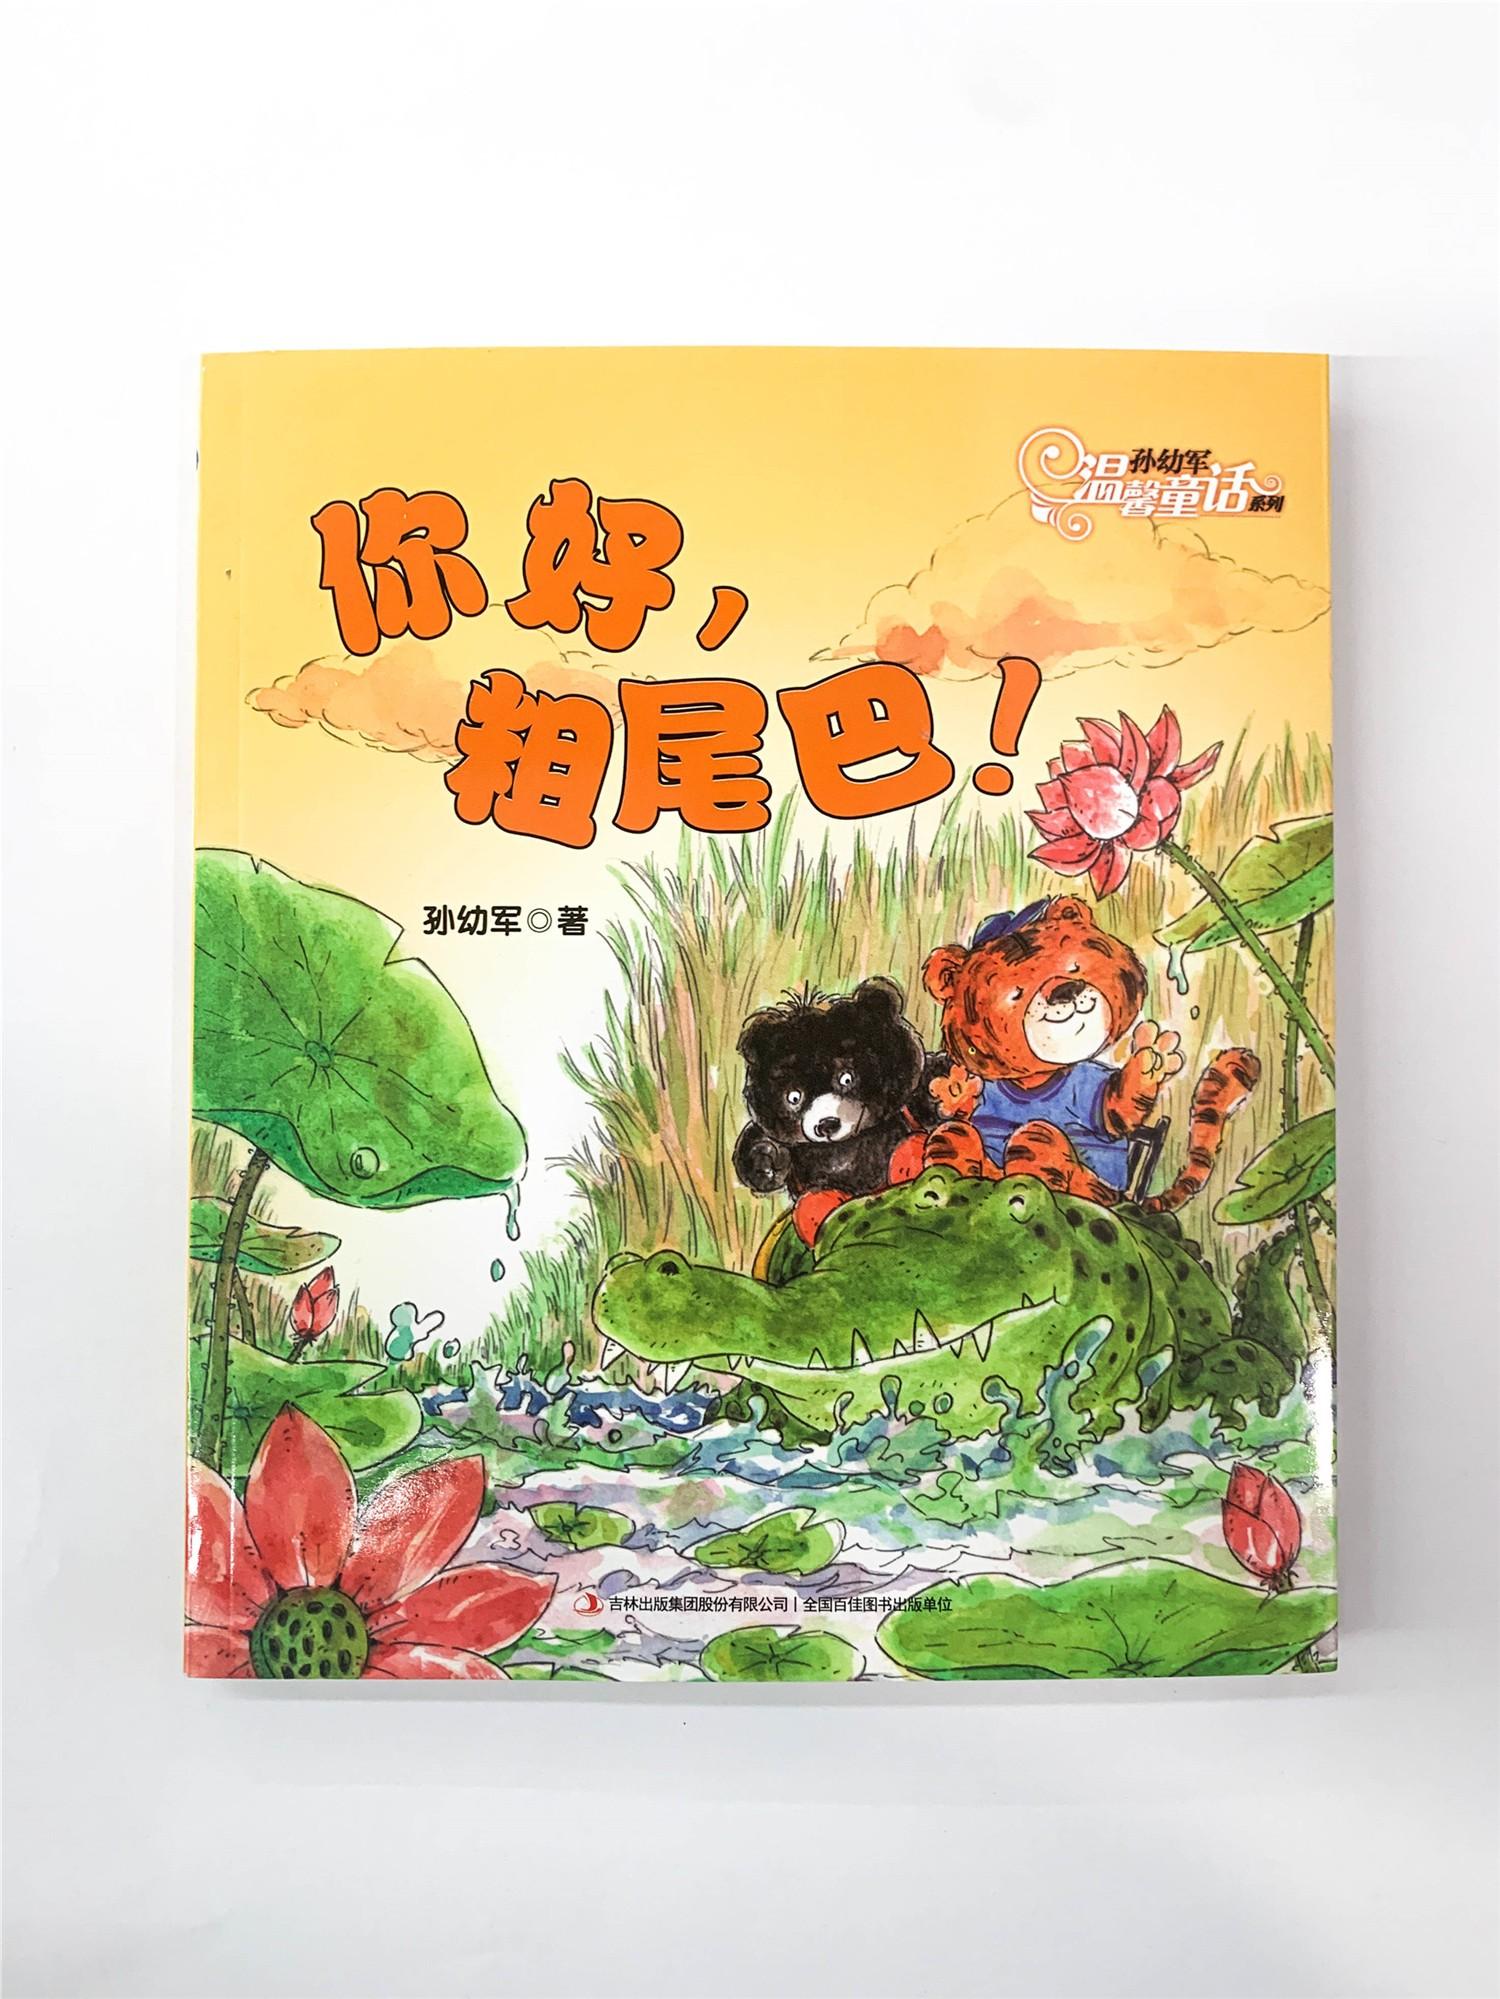 长春市博锐文化传媒有限公司:绘本阅读的好处你知道吗